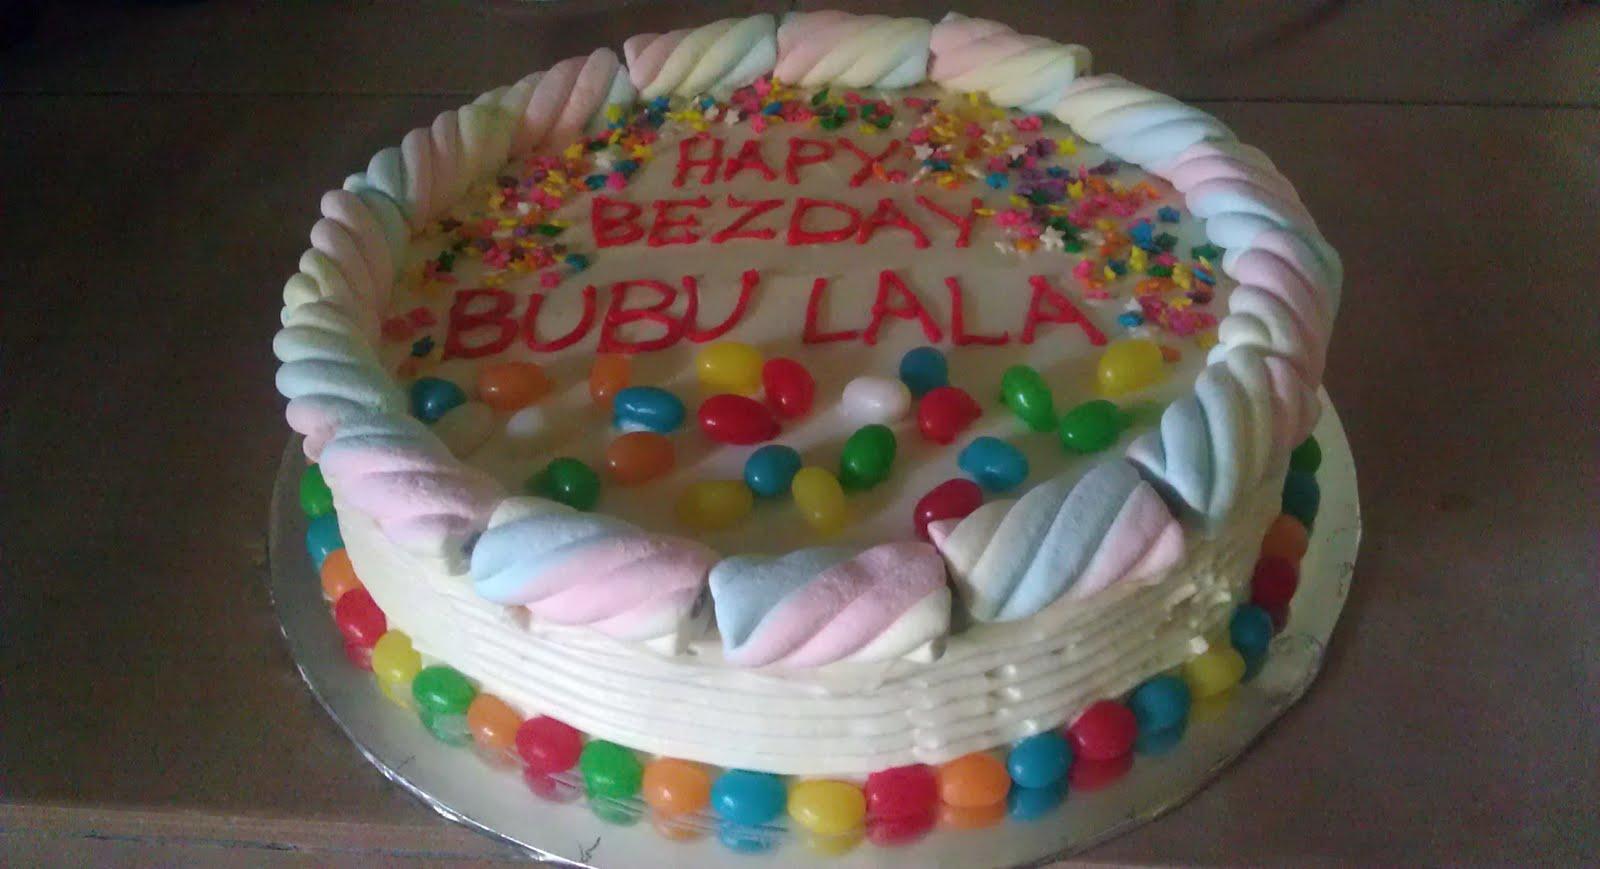 ... Delight Cake: Birthday Cake - Red Velvet Cake Frosting Cream Cheese